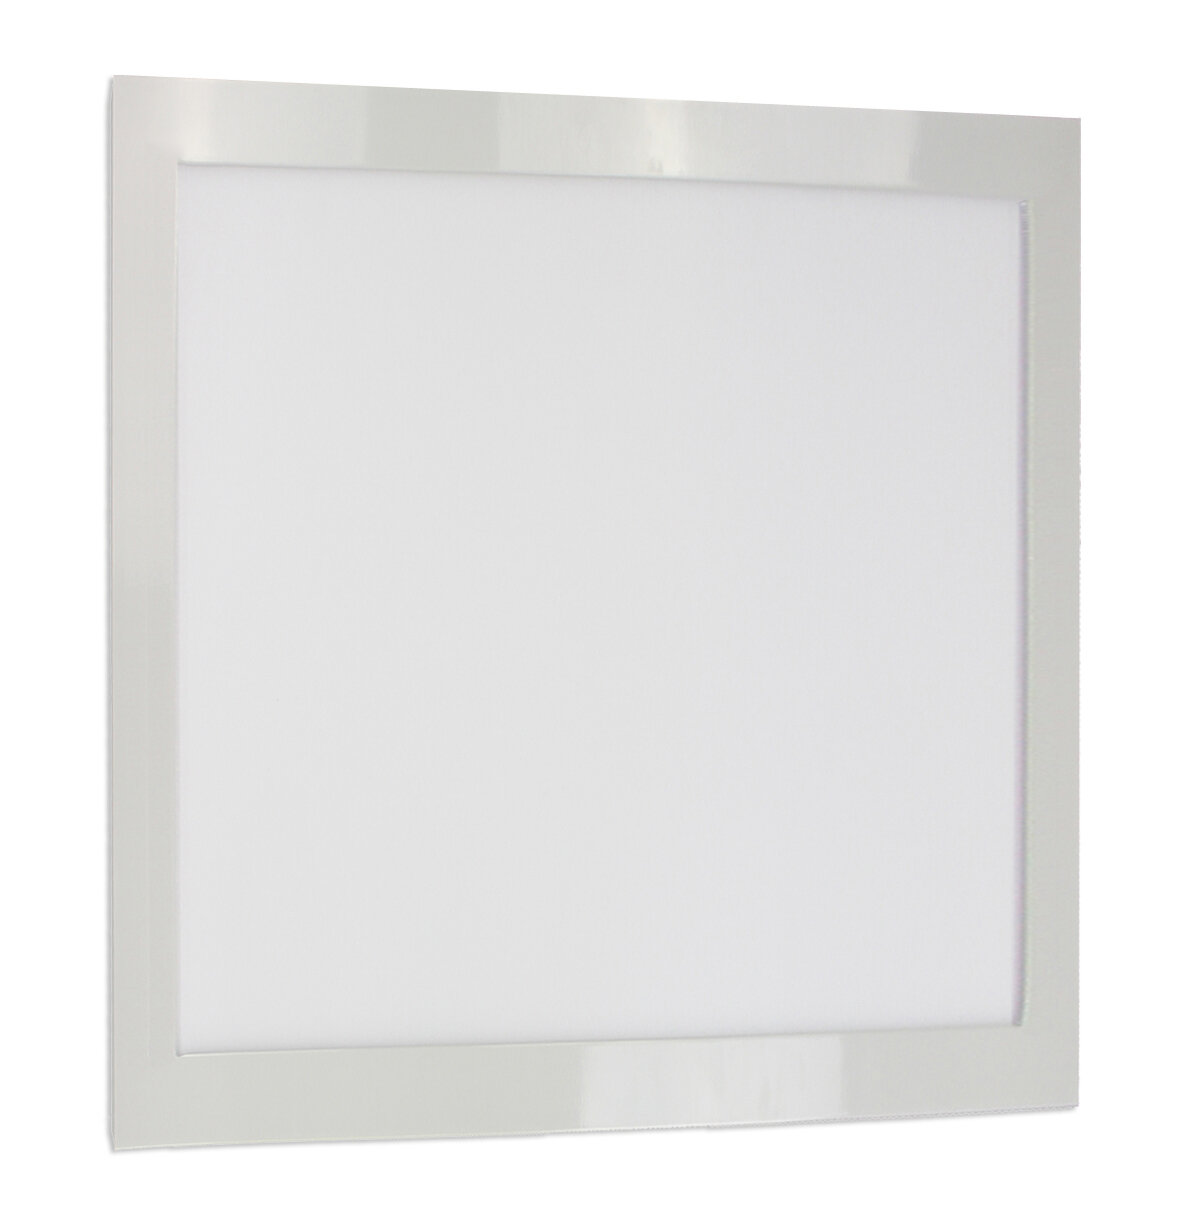 Blink White 18W LED Surface Flush Mount